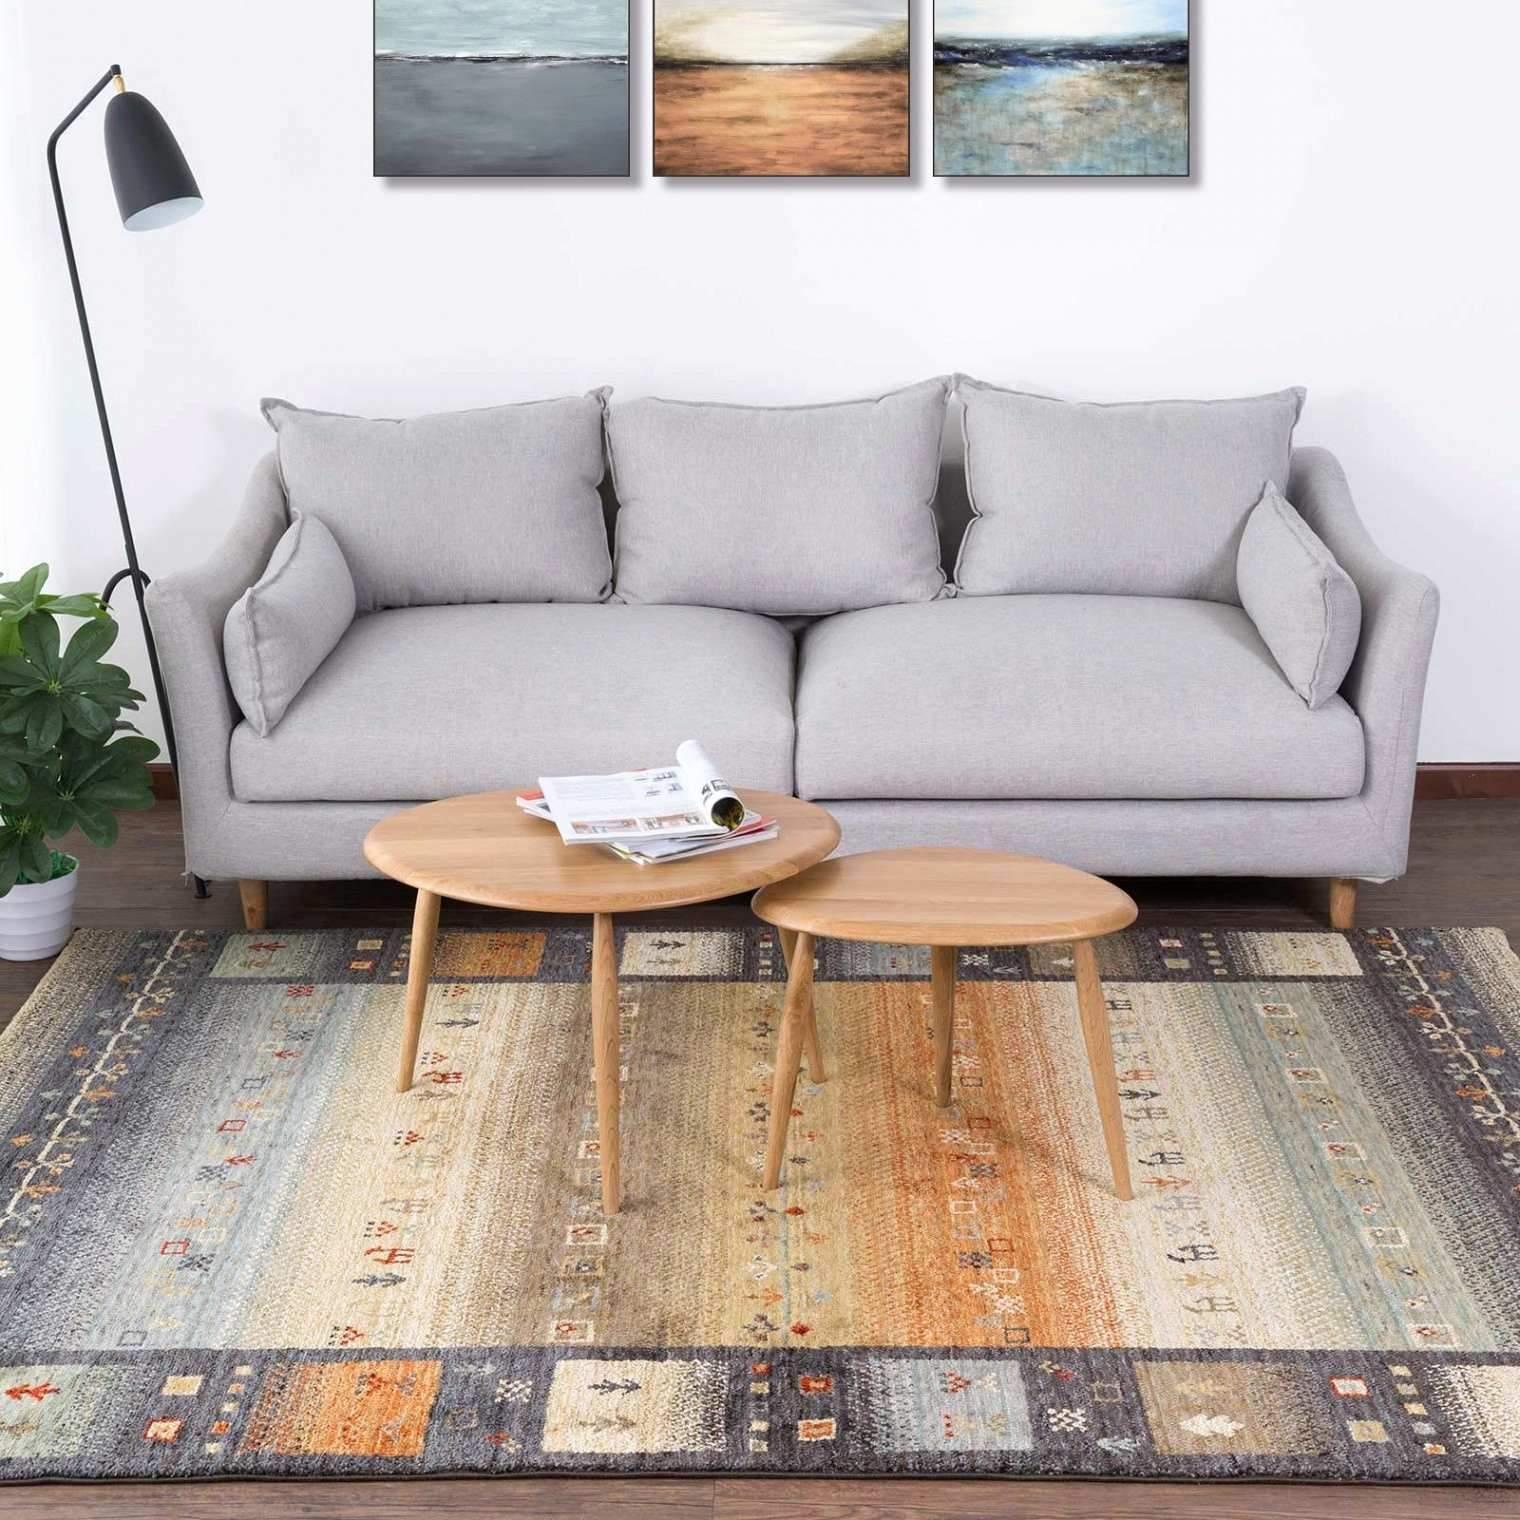 Wohnzimmer Grau Beige Braun